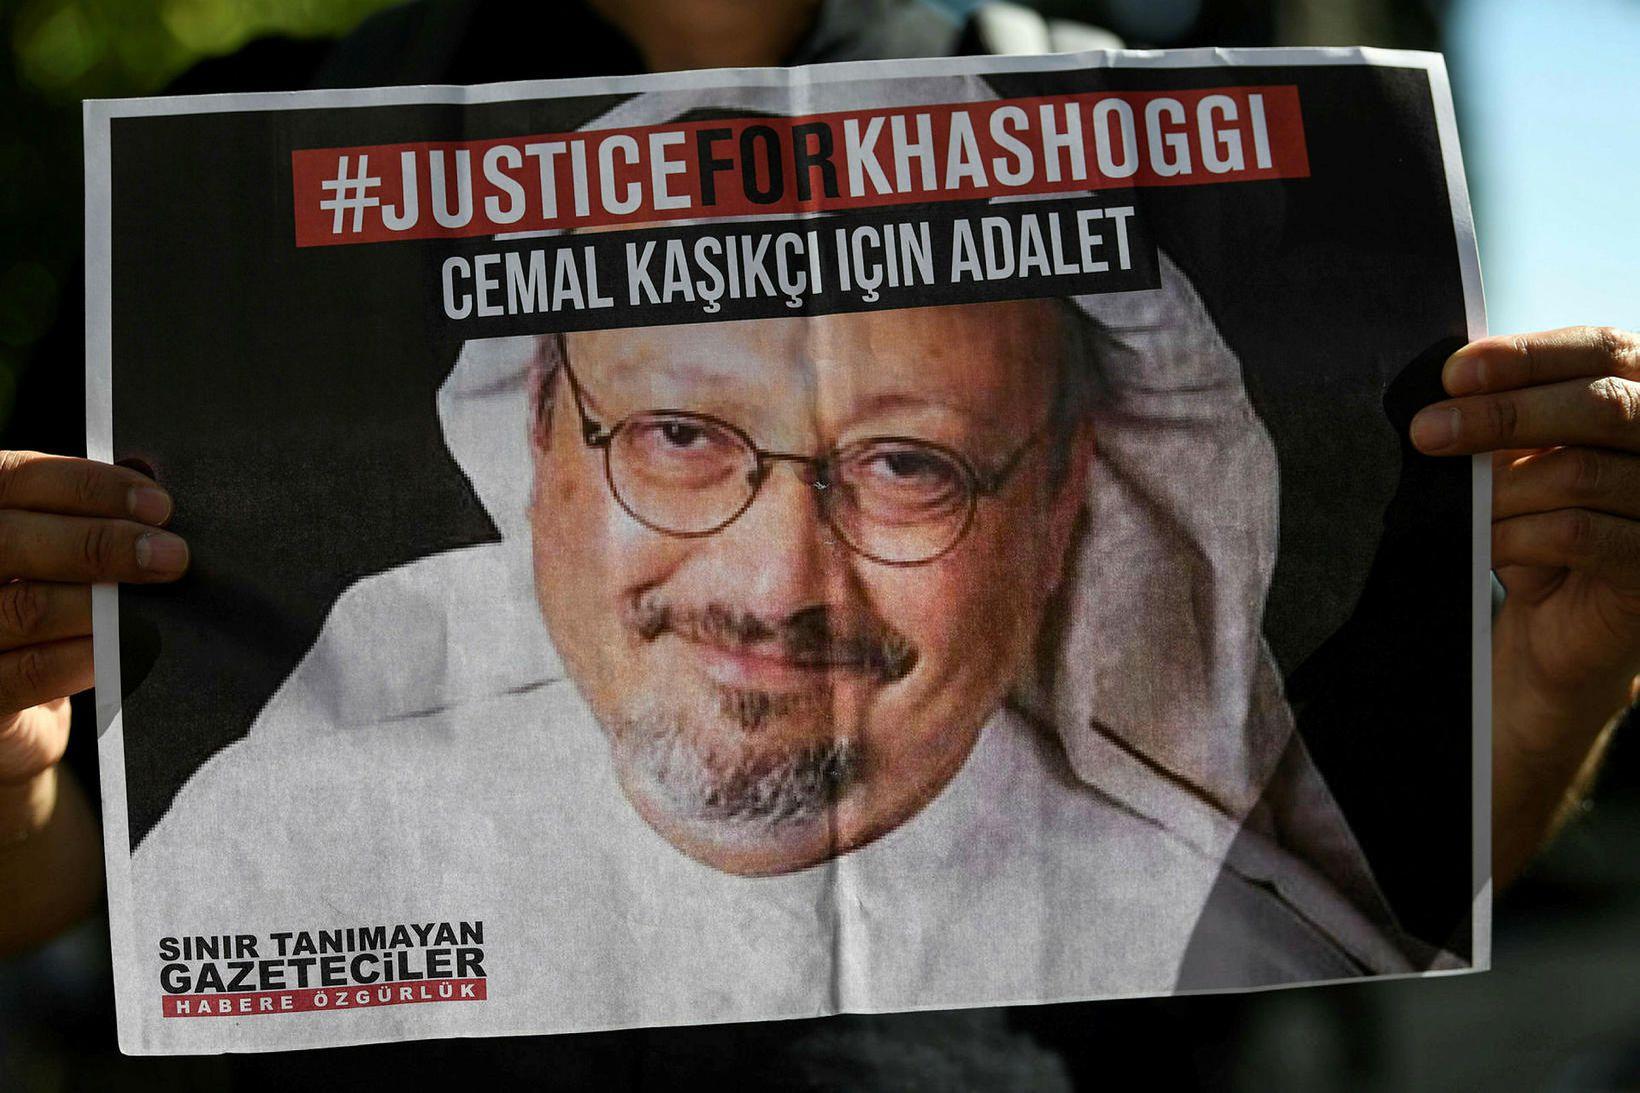 Jamal Khashoggi, blaðamannsins sem var myrtur í október 2018.